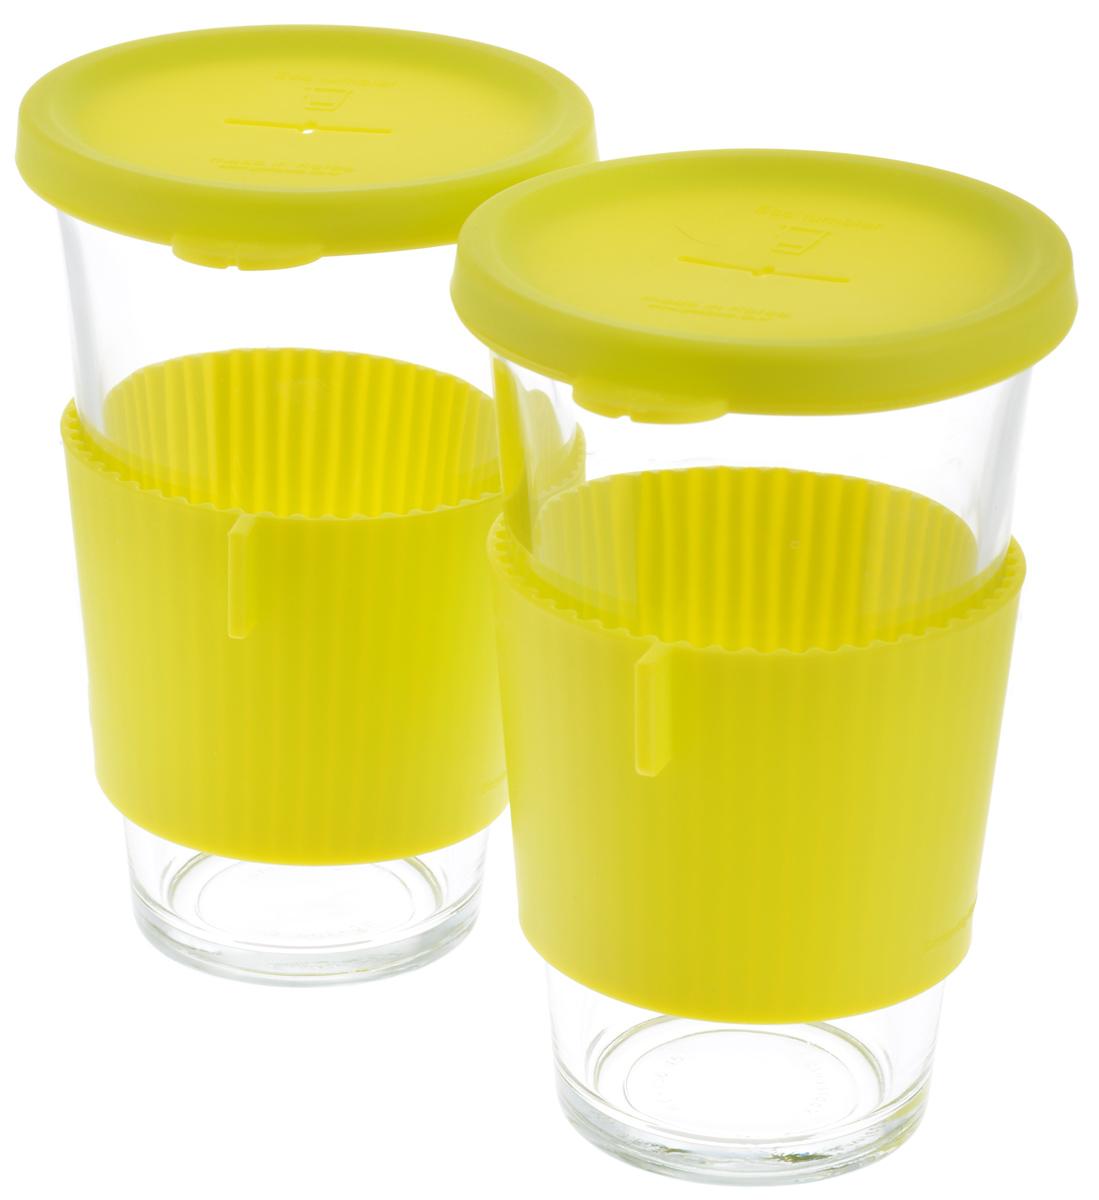 Набор стаканов Glasslock, цвет: прозрачный, салатовый, 500 мл, 2 штGL-1364Набор Glasslock, изготовленный извысококачественного термостойкого стекла, состоит из двухстаканов и двух силиконовых крышек. Крышка имеетотверстие для подвешивания пакетика чая. В таком стаканелучше всего заваривать чай и другие оздоровительныенапитки. Изделие имеет силиконовый держатель, дляпредохранения рук от высокой температуры напитка. Стакан Glasslock можно комфортно использовать на работеили вофисе, также взять с собой в путешествие, чтобы вашлюбимый чай был всегда с вами. Можно мыть впосудомоечной машине ииспользовать в микроволновой печи. Стаканы дляхранения напитков в холодильнике иморозильной камере. Не использовать в духовке. Диаметр стакана по верхнему краю: 9 см.Высота стакана (с учетом крышки): 15,5 см.